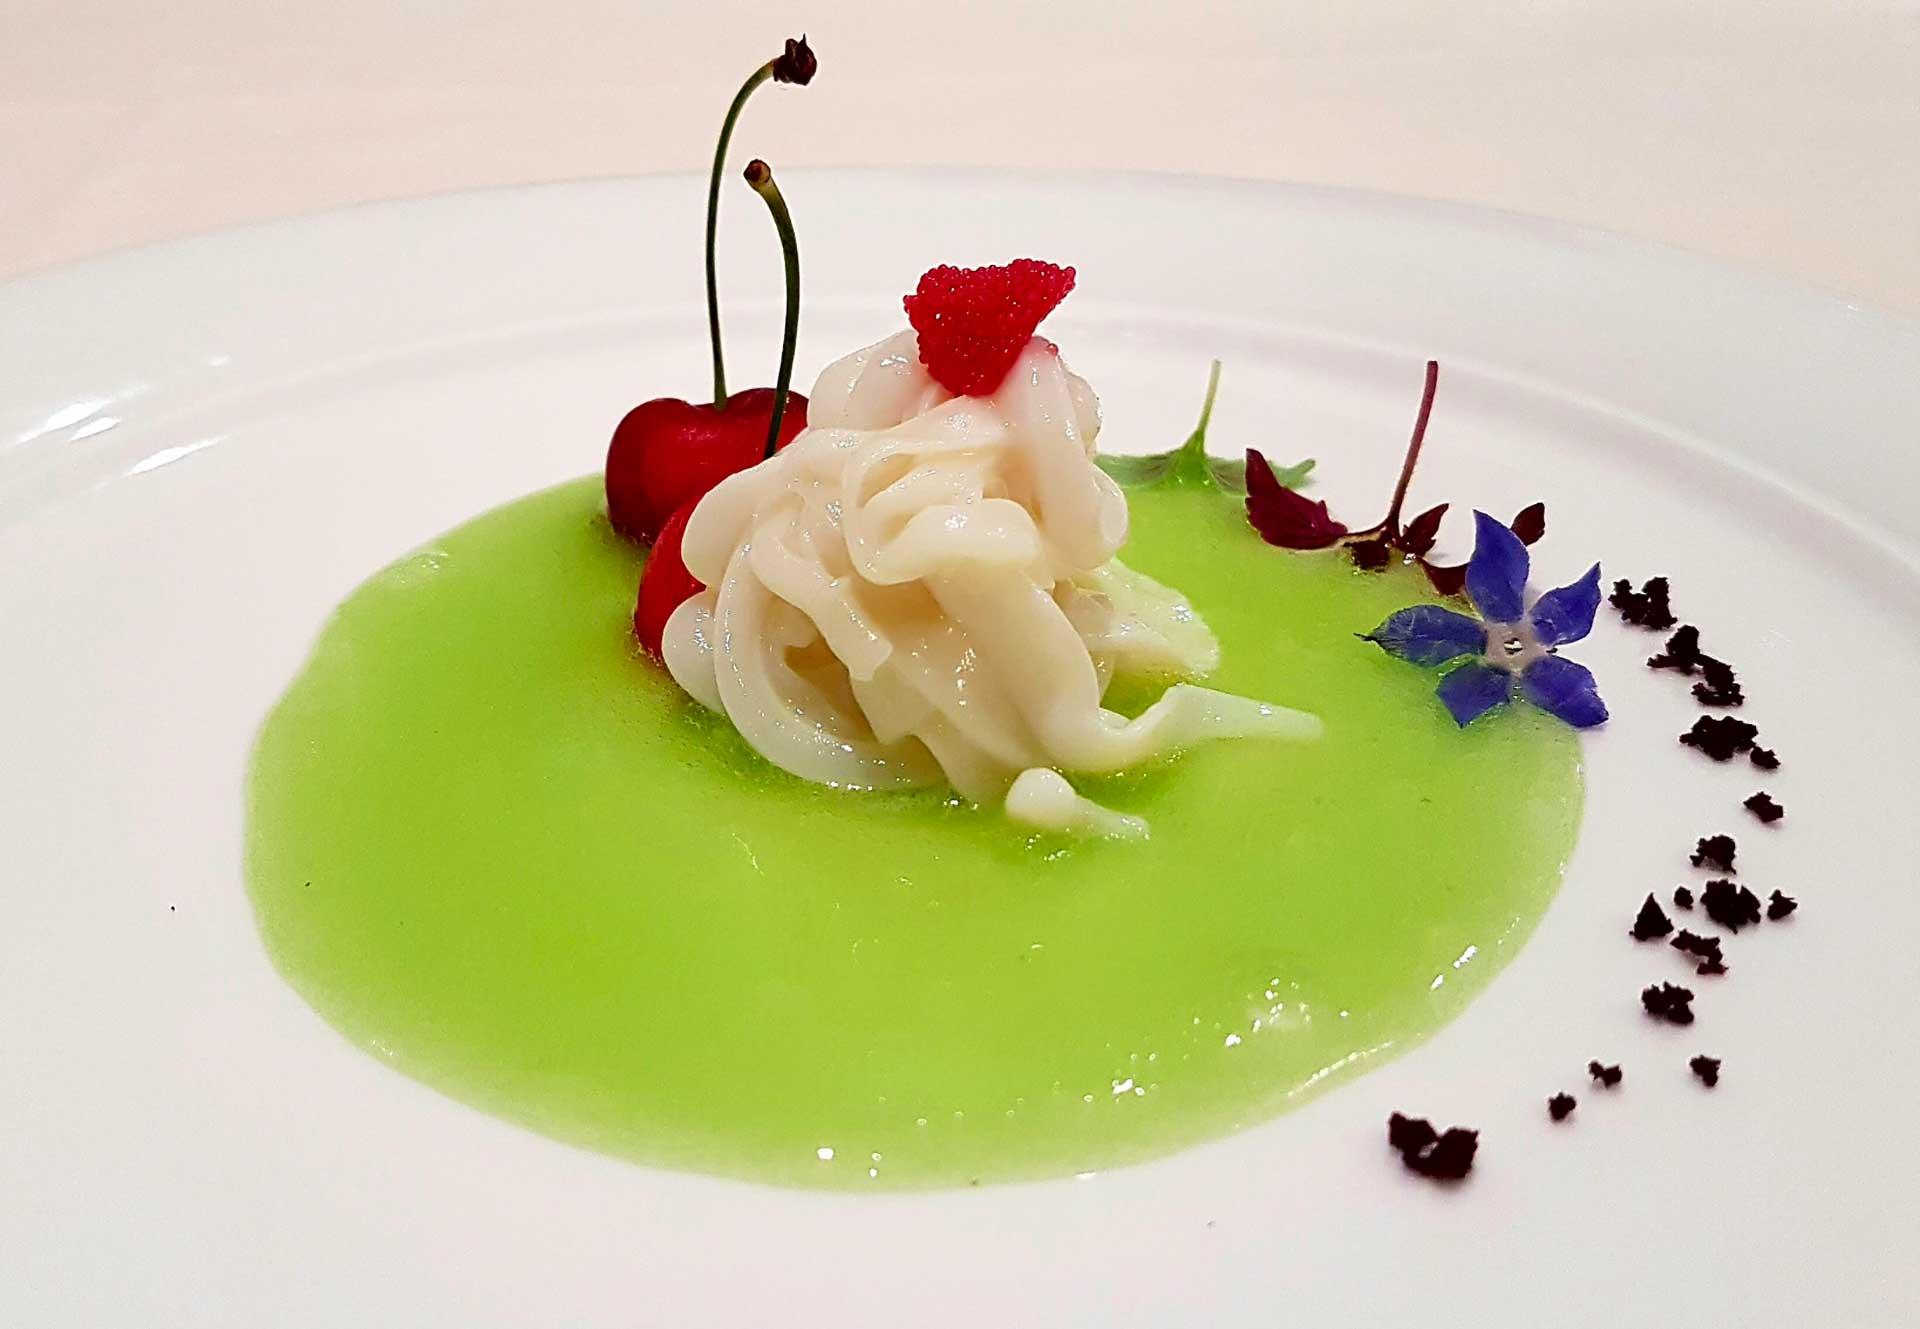 mediterraneo-da-scoprire-chef-paolo-gramaglia-mini